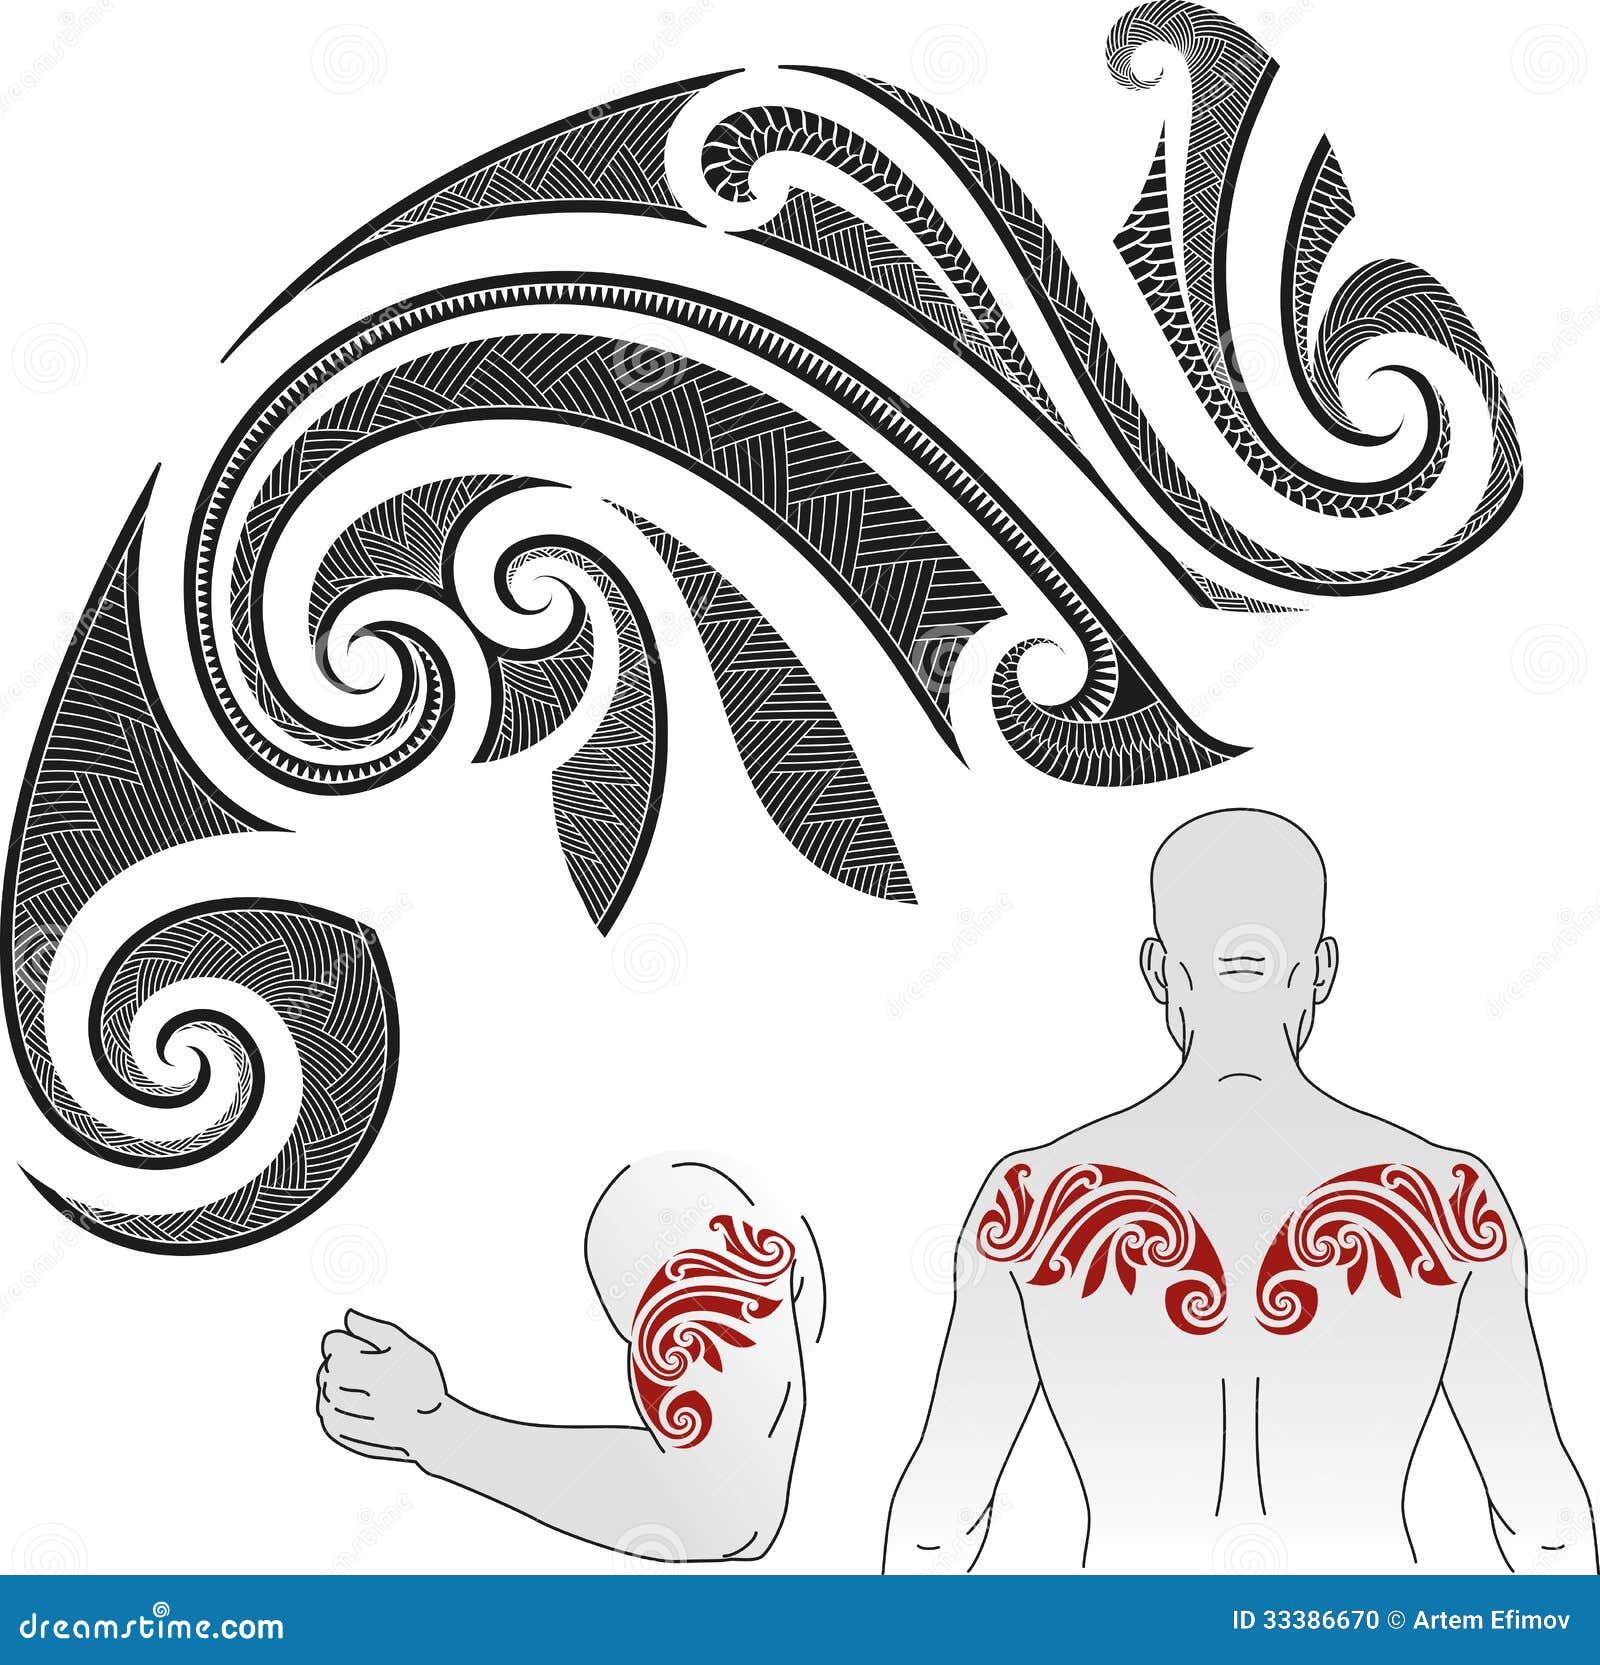 Het patroon van de Maoritatoegering - Kameleon